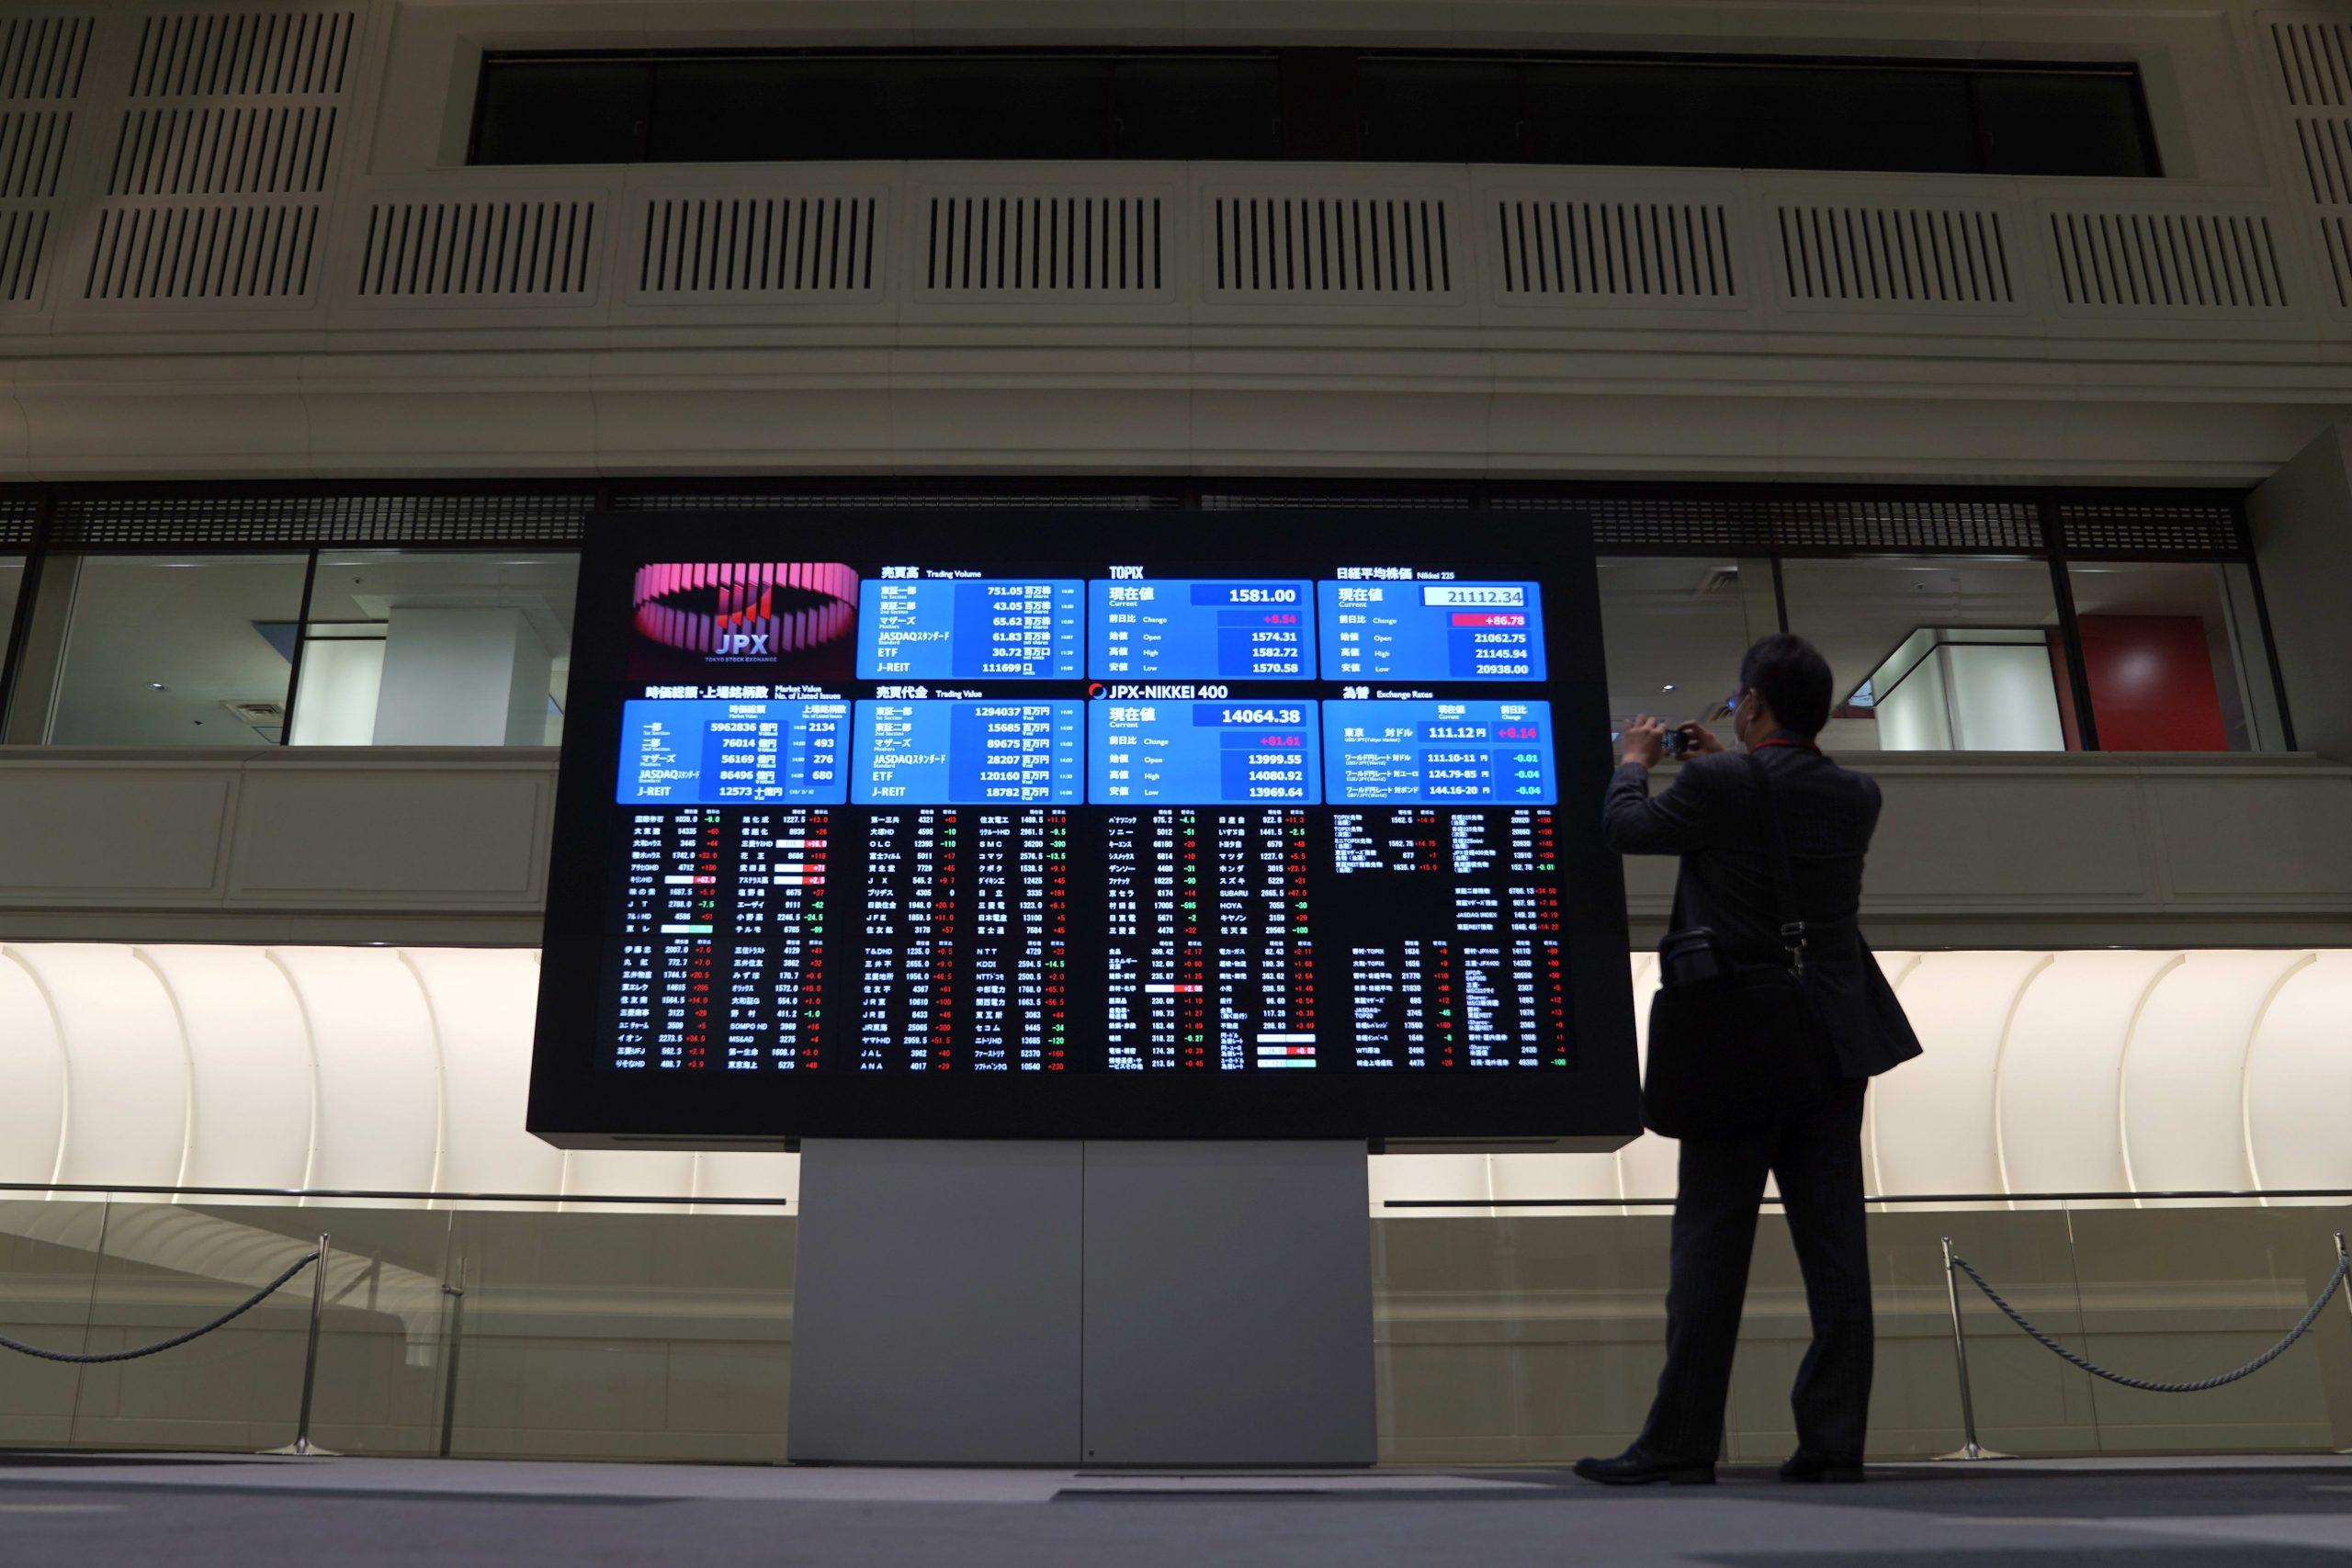 Trung Quốc công bố số liệu lạm phát, chứng khoán châu Á hầu hết tăng